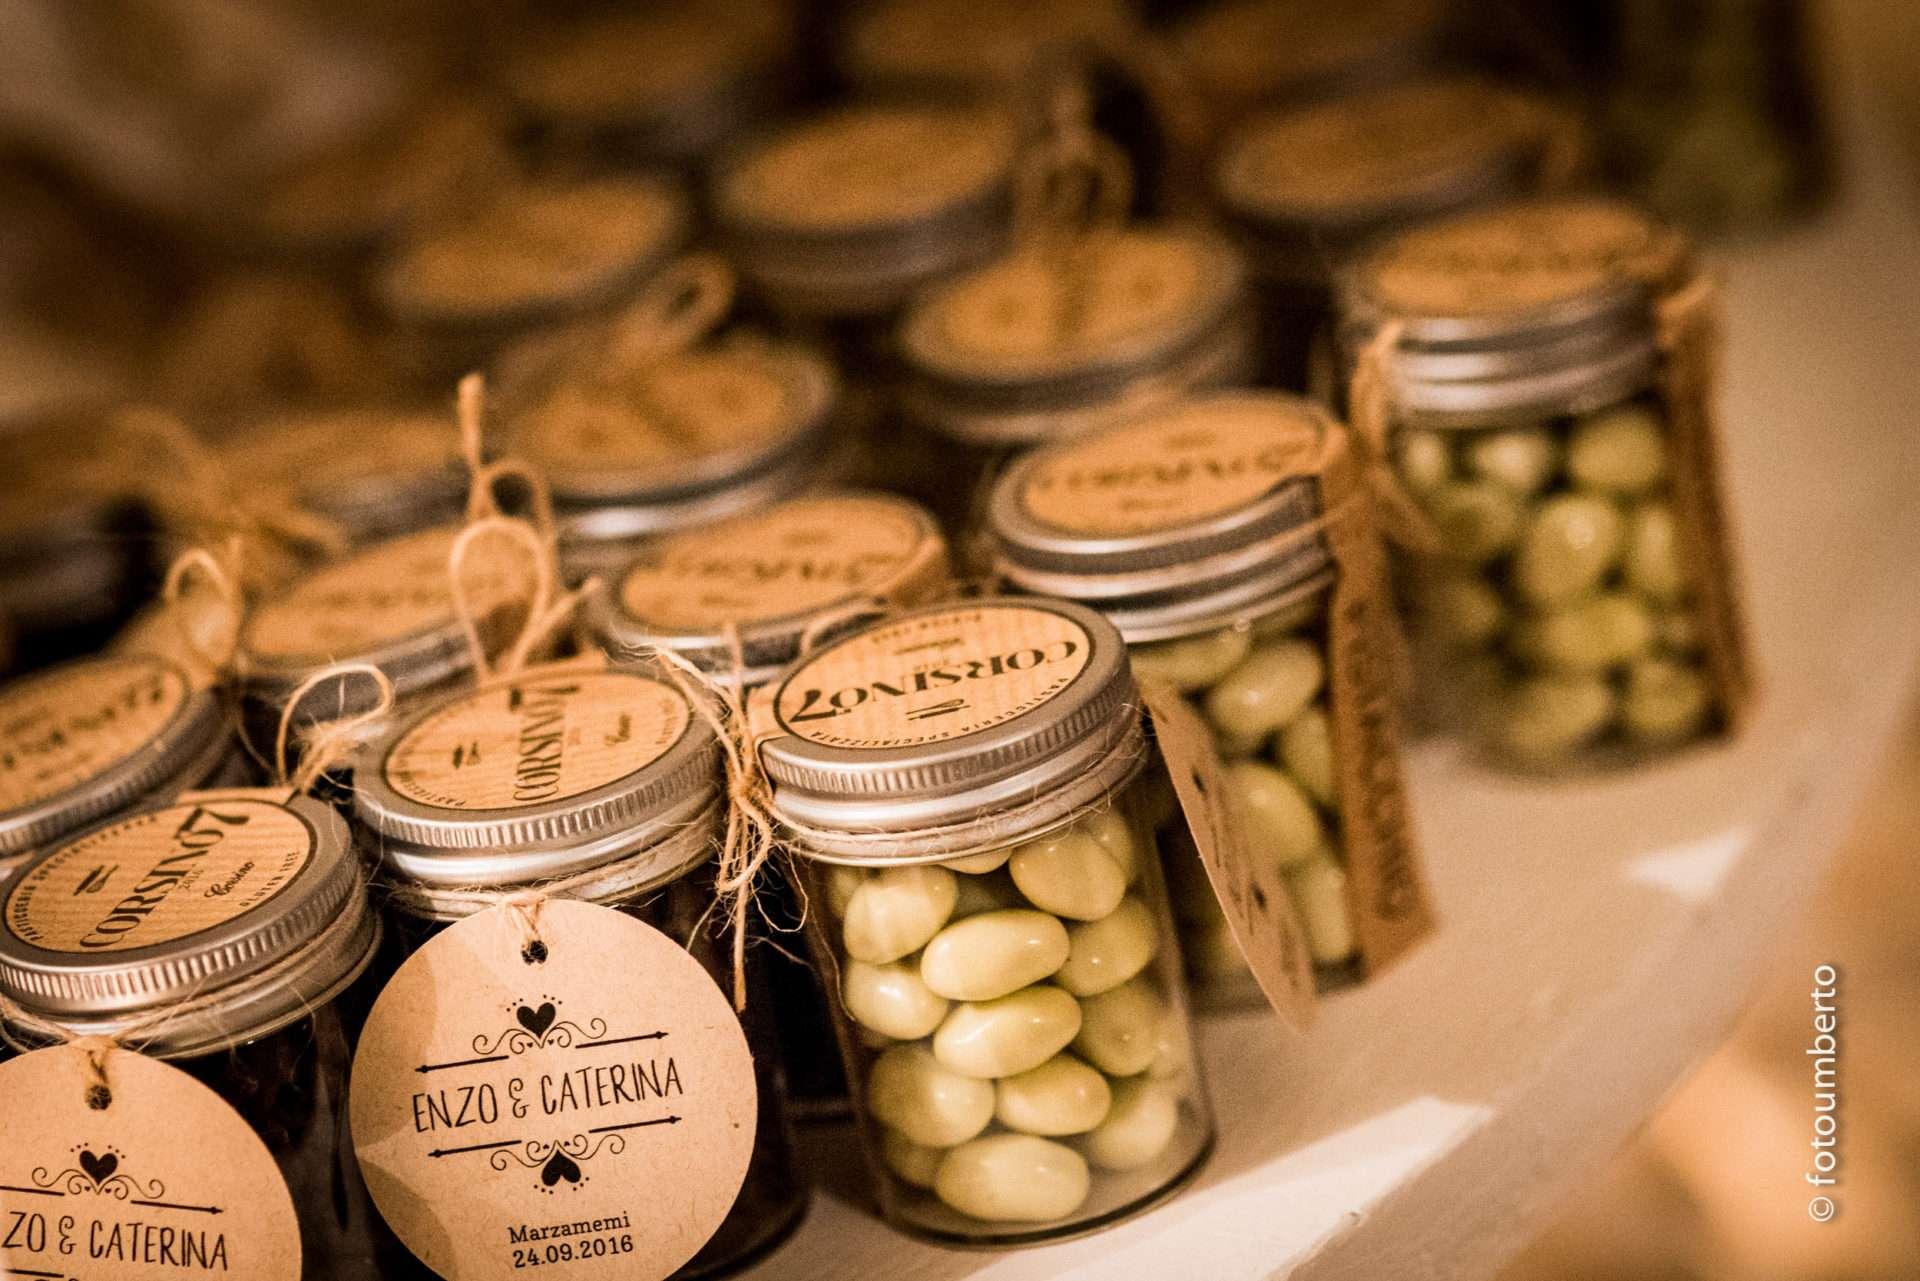 bomboniere artigianali